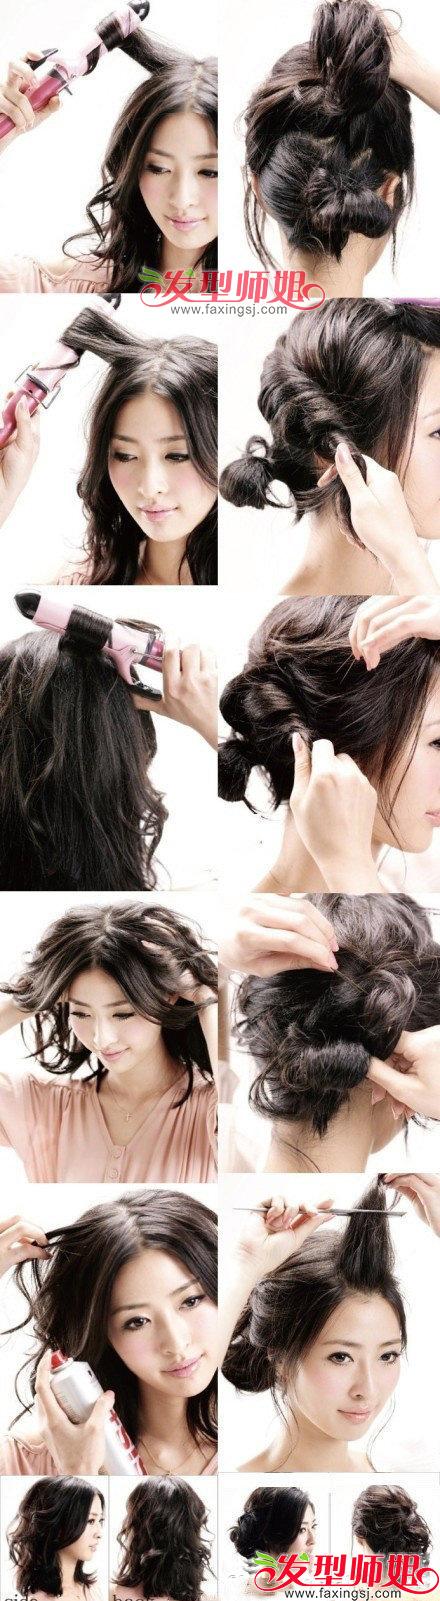 新娘发型详细步骤_新娘发型diy详细步骤_达人帮_发型师姐